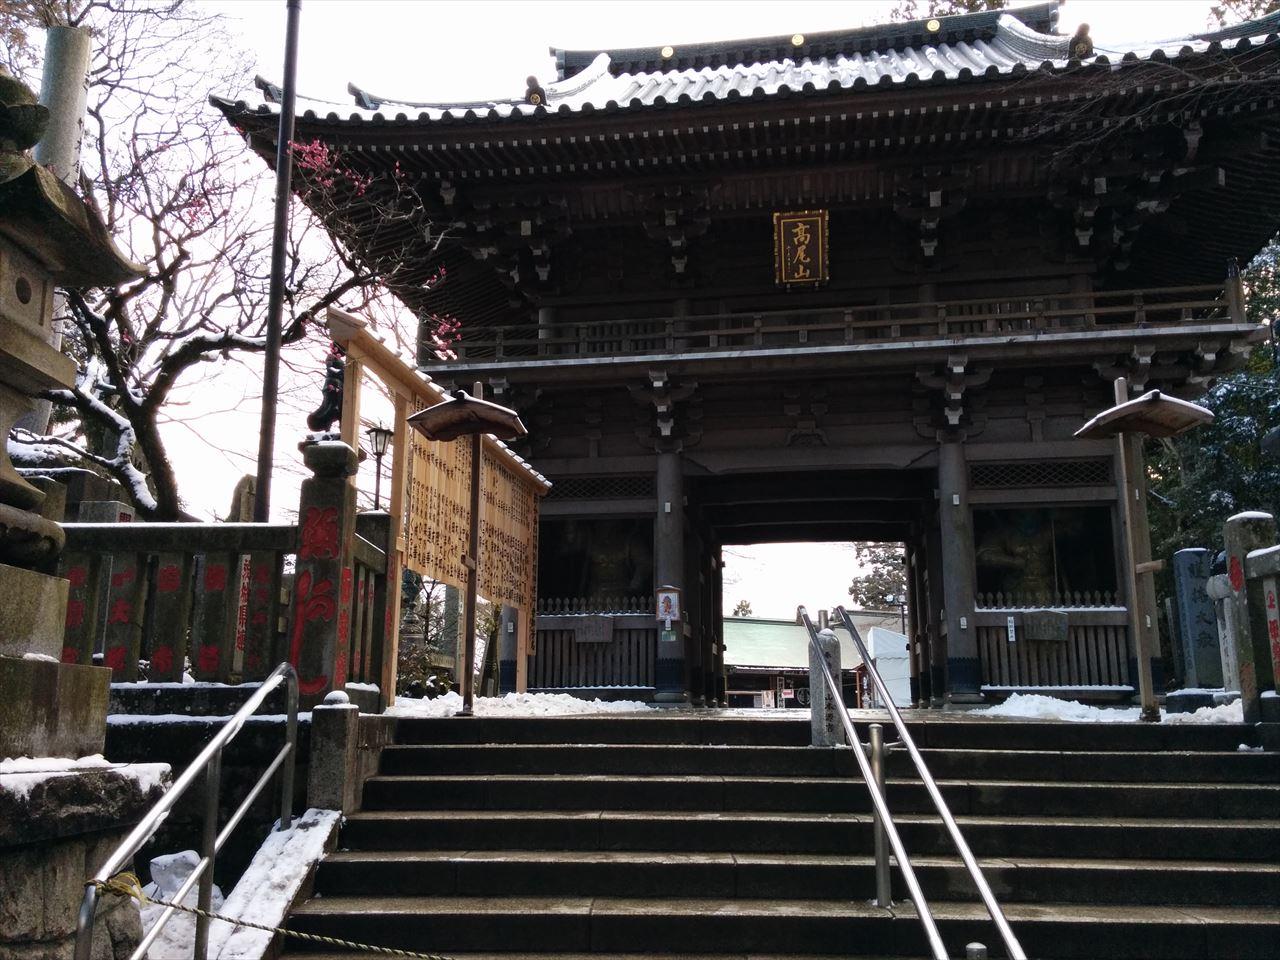 高尾山 雪山登山 雪が降った翌日、冬の高尾散歩(2016.2.7)